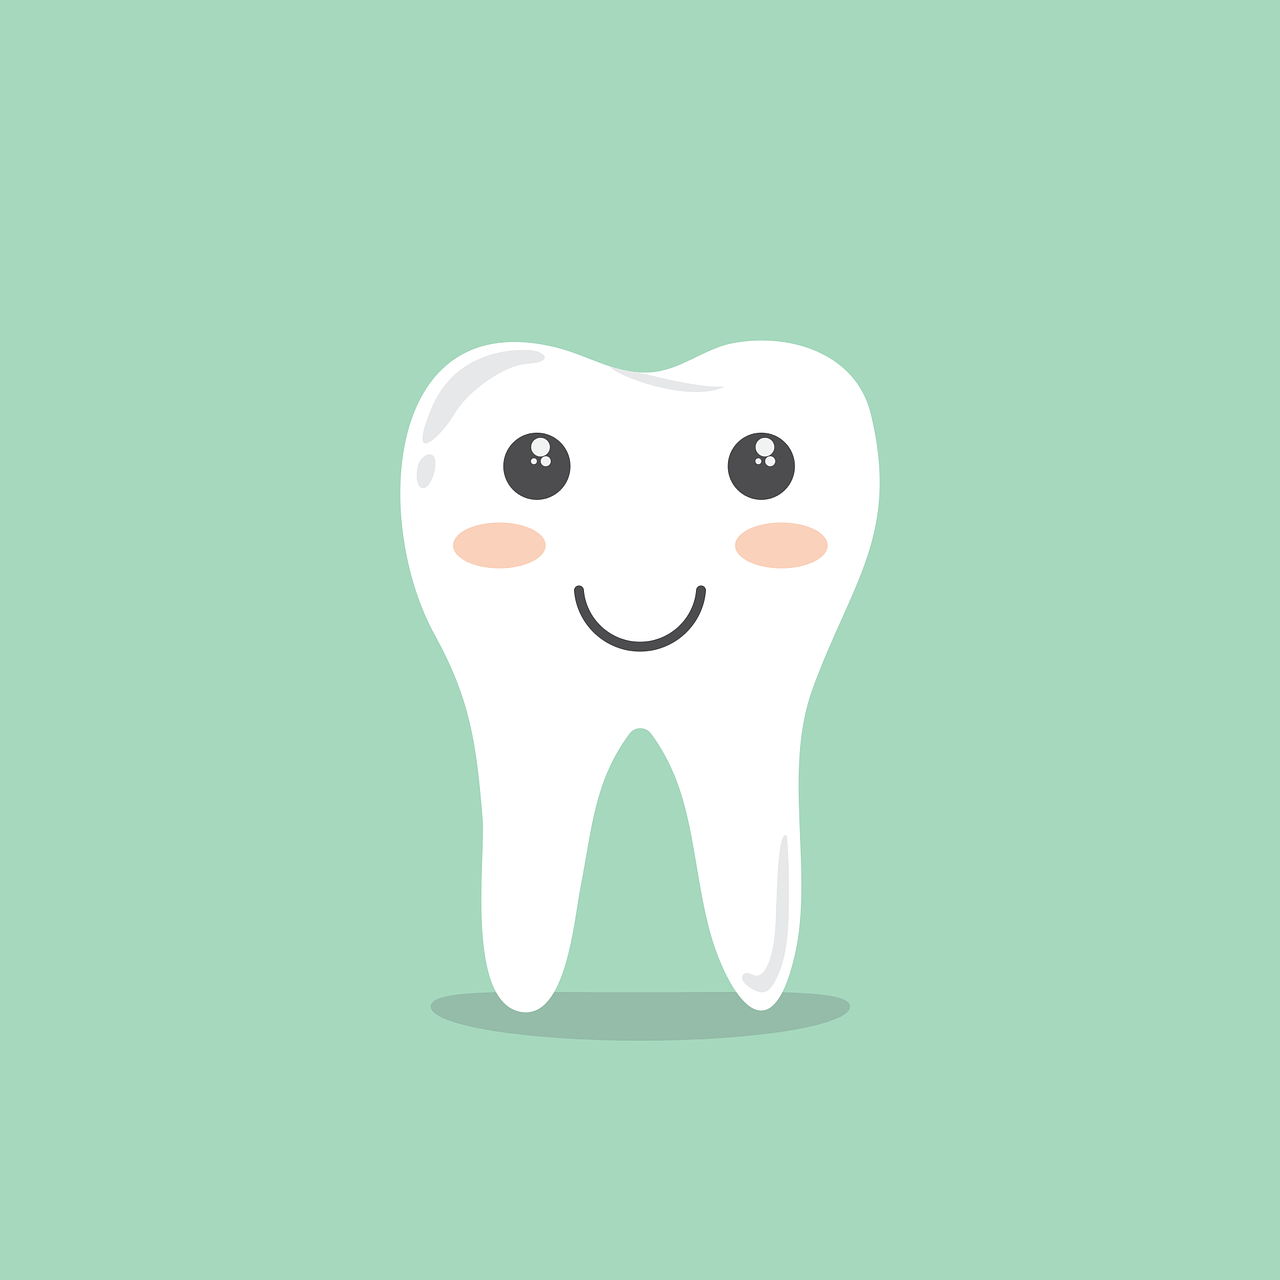 teeth-1670434_1280 (1)